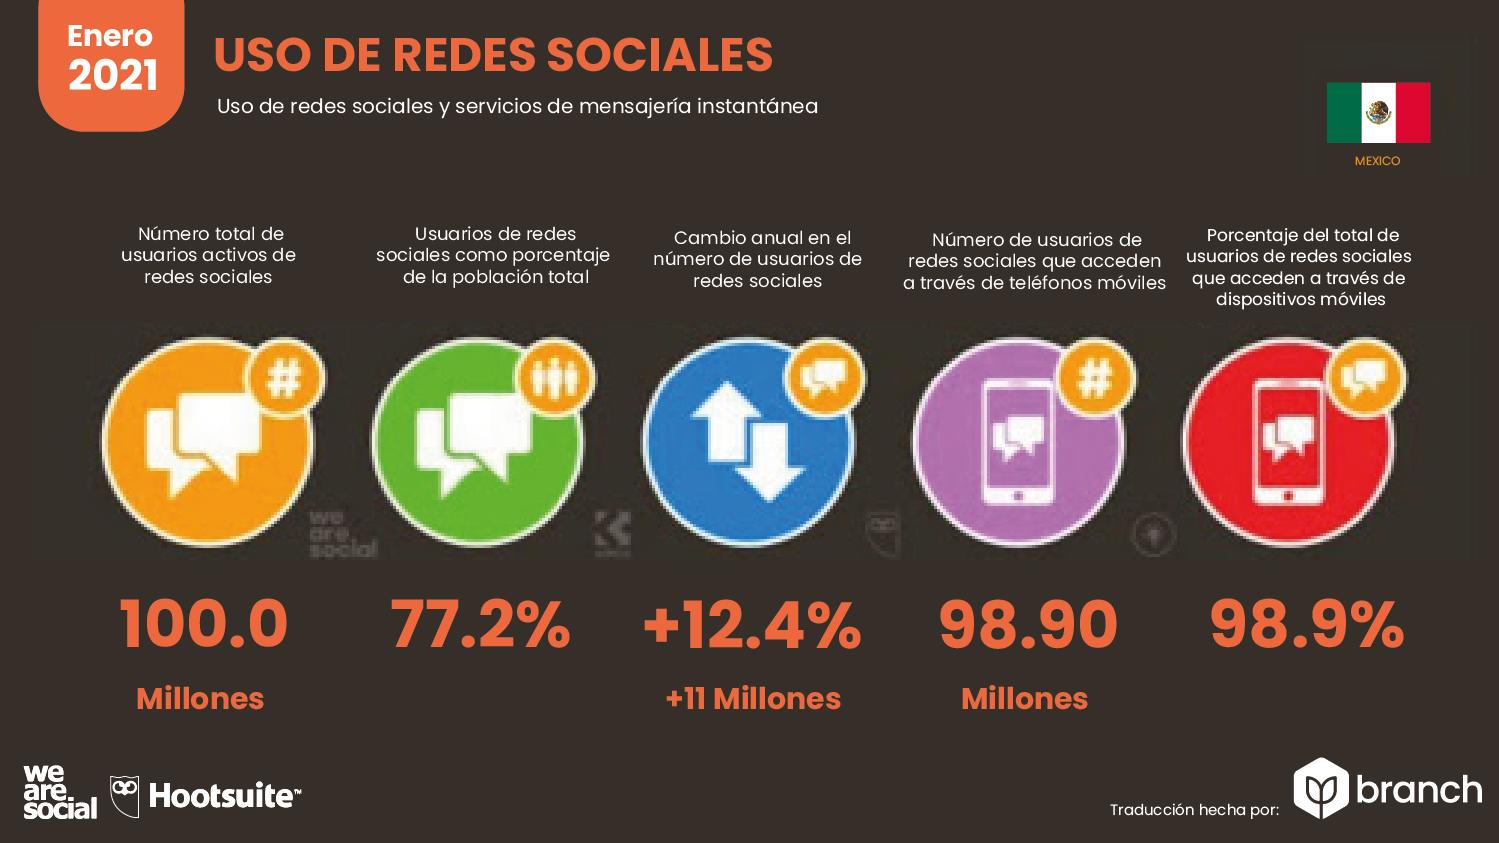 uso-de-redes-sociales-mexico-2020-2021